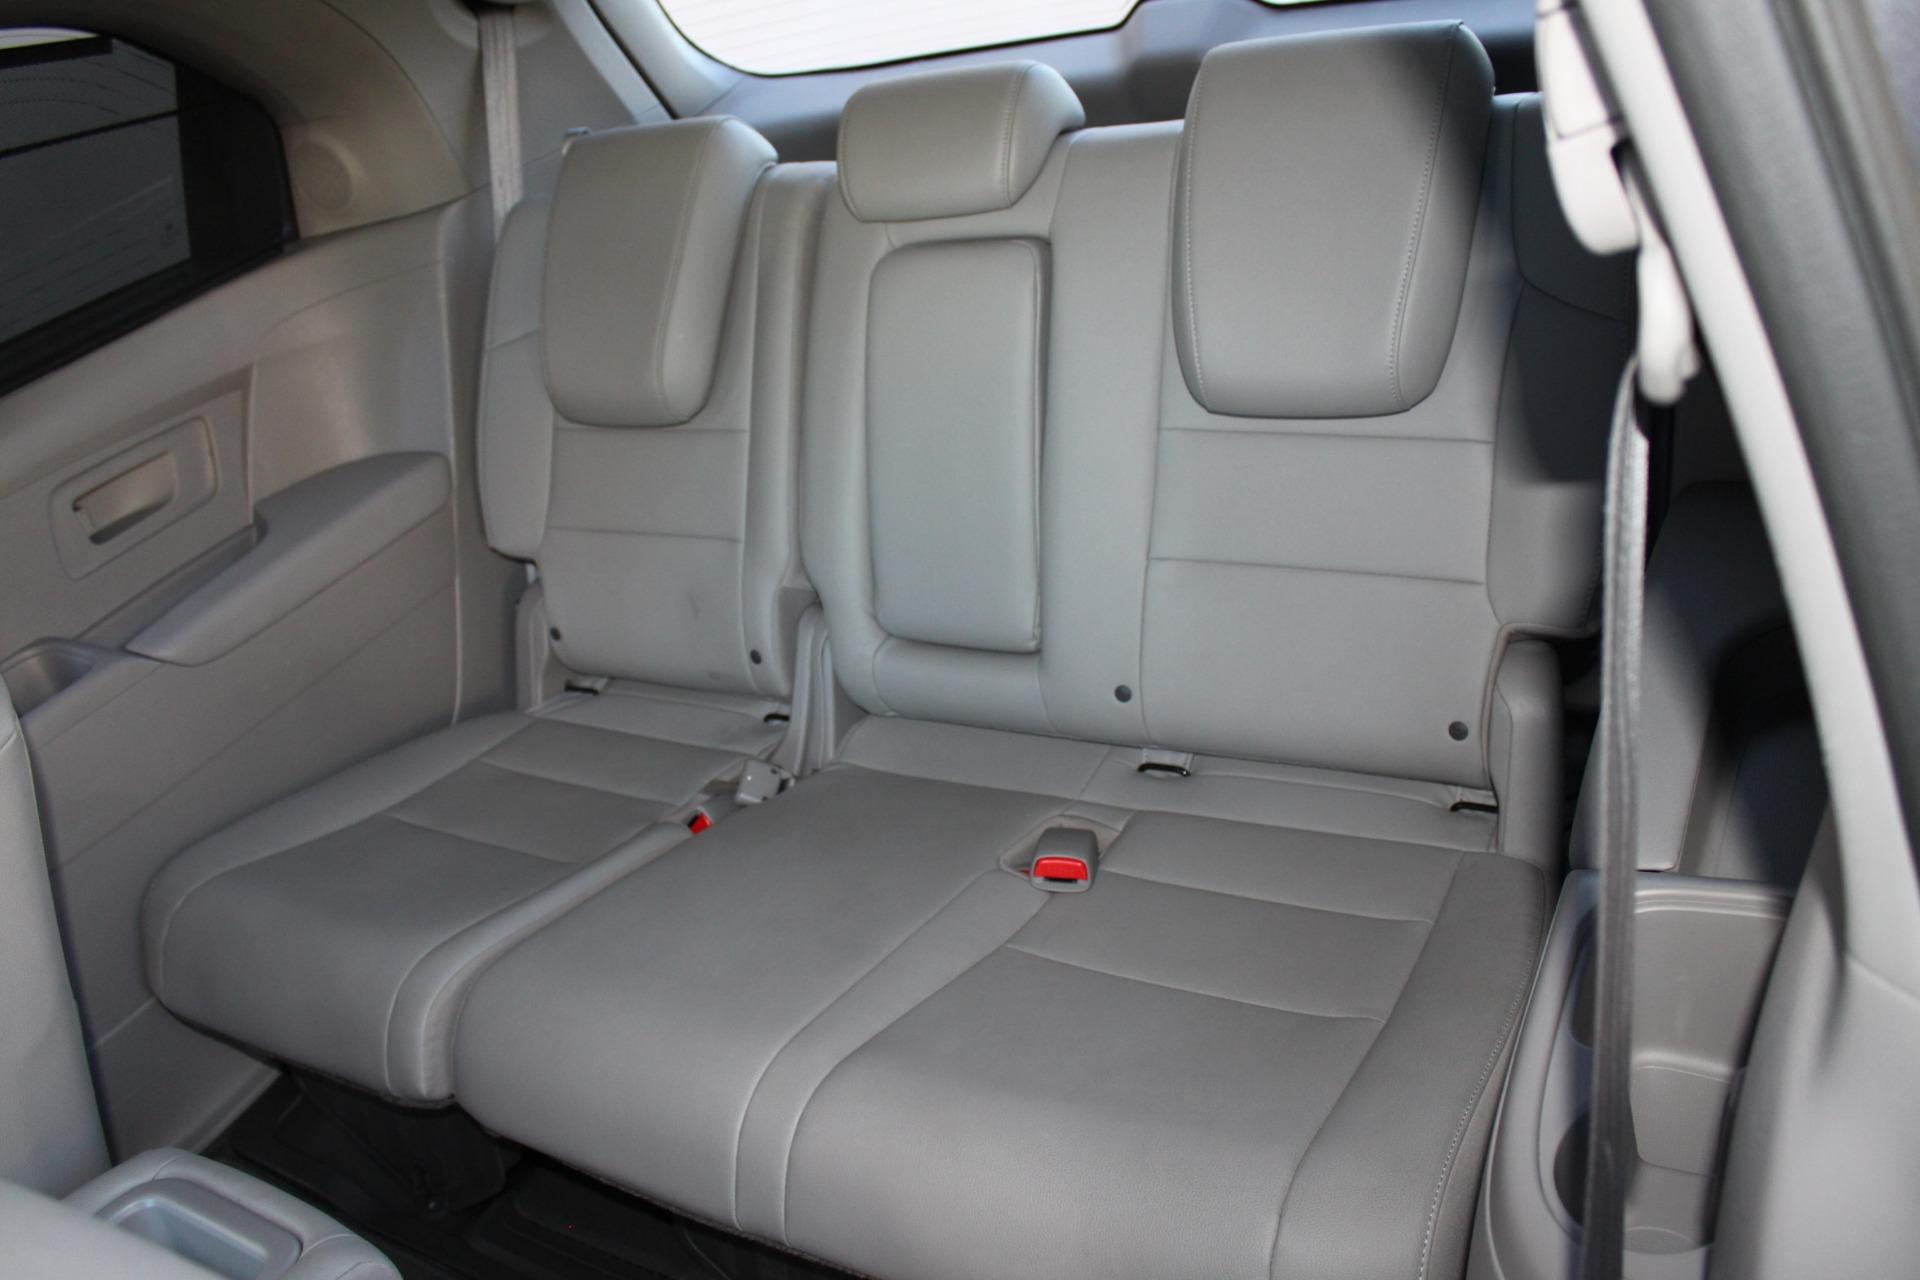 Used-2016-Honda-Odyssey-Touring-Elite-Chevrolet